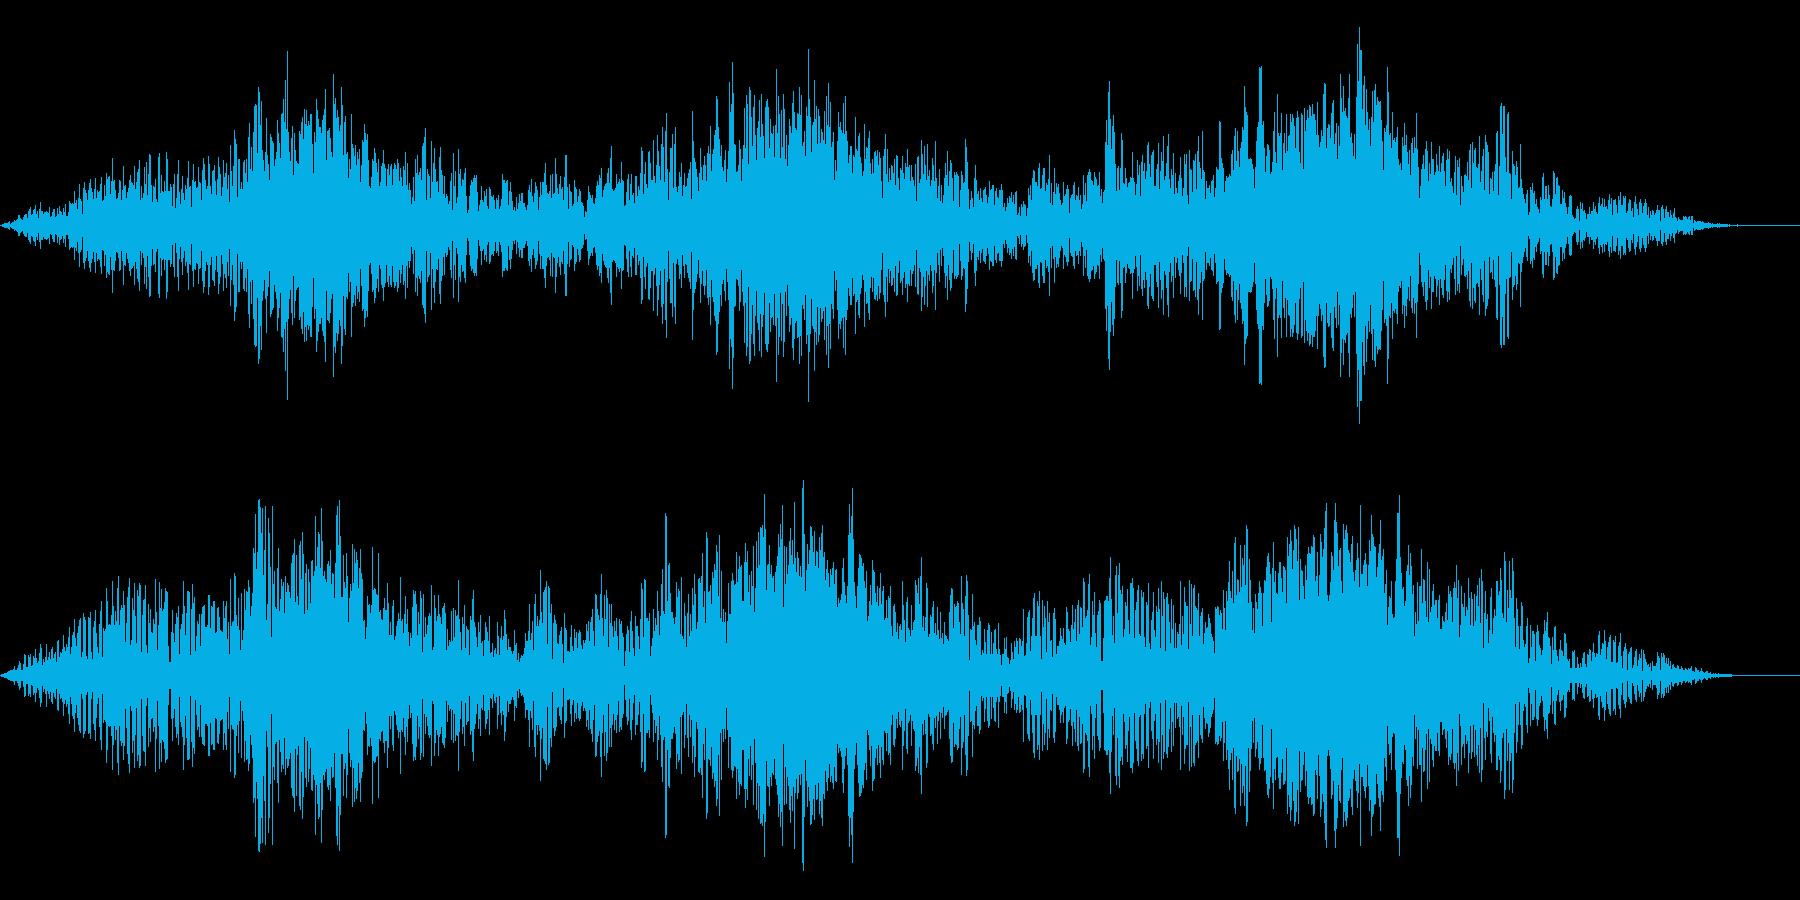 バイク オートバイの迫力あるアクセル音3の再生済みの波形